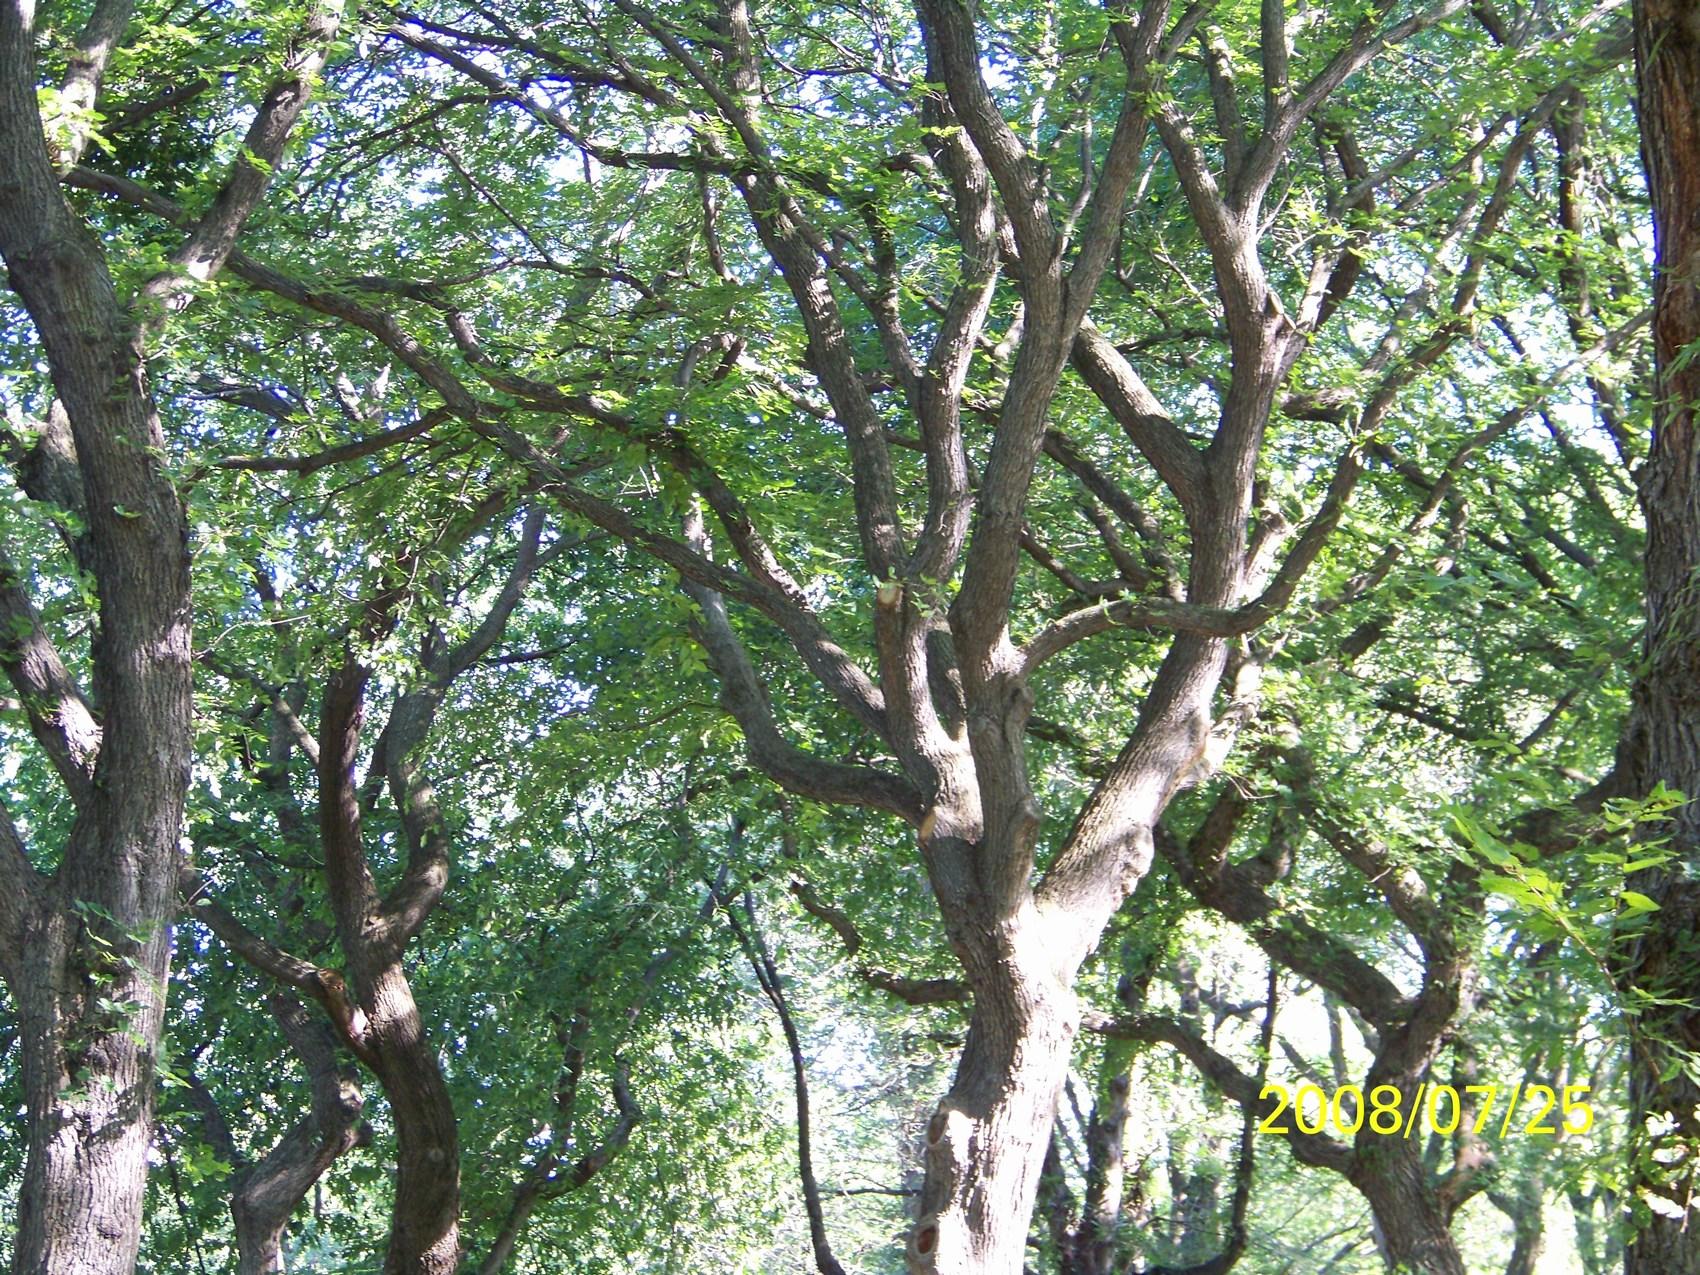 Elm Tree Image